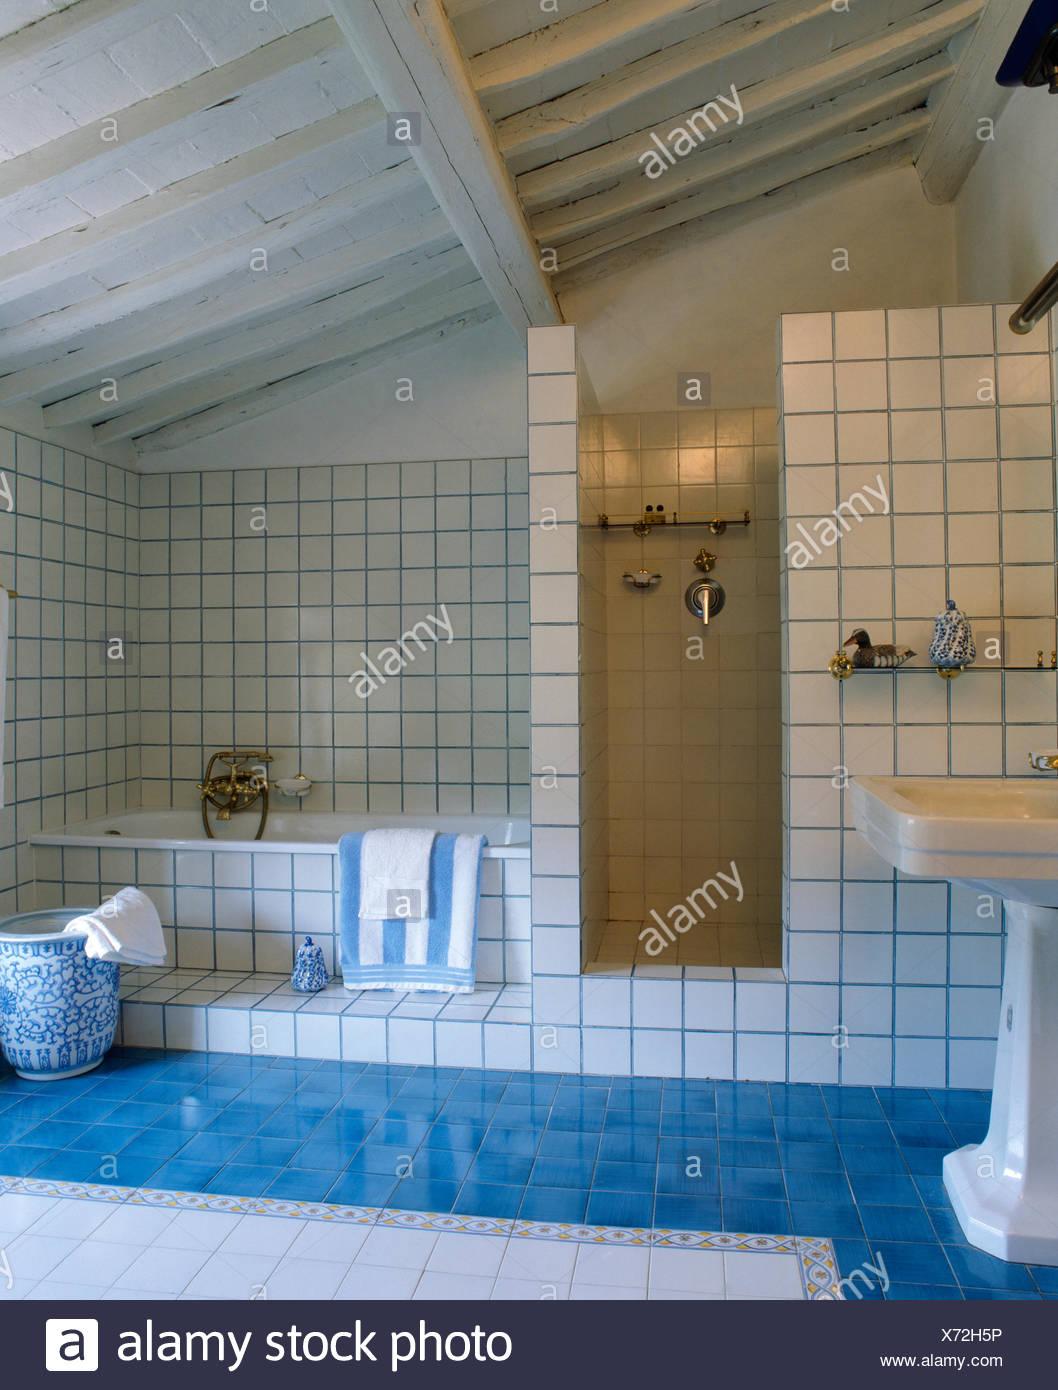 https://c8.alamy.com/compit/x72h5p/il-blu-acquamarina-pavimento-piastrellato-in-moderno-bianco-toscano-in-piastrelle-bagno-con-dipinti-di-bianco-travi-a-soffitto-x72h5p.jpg